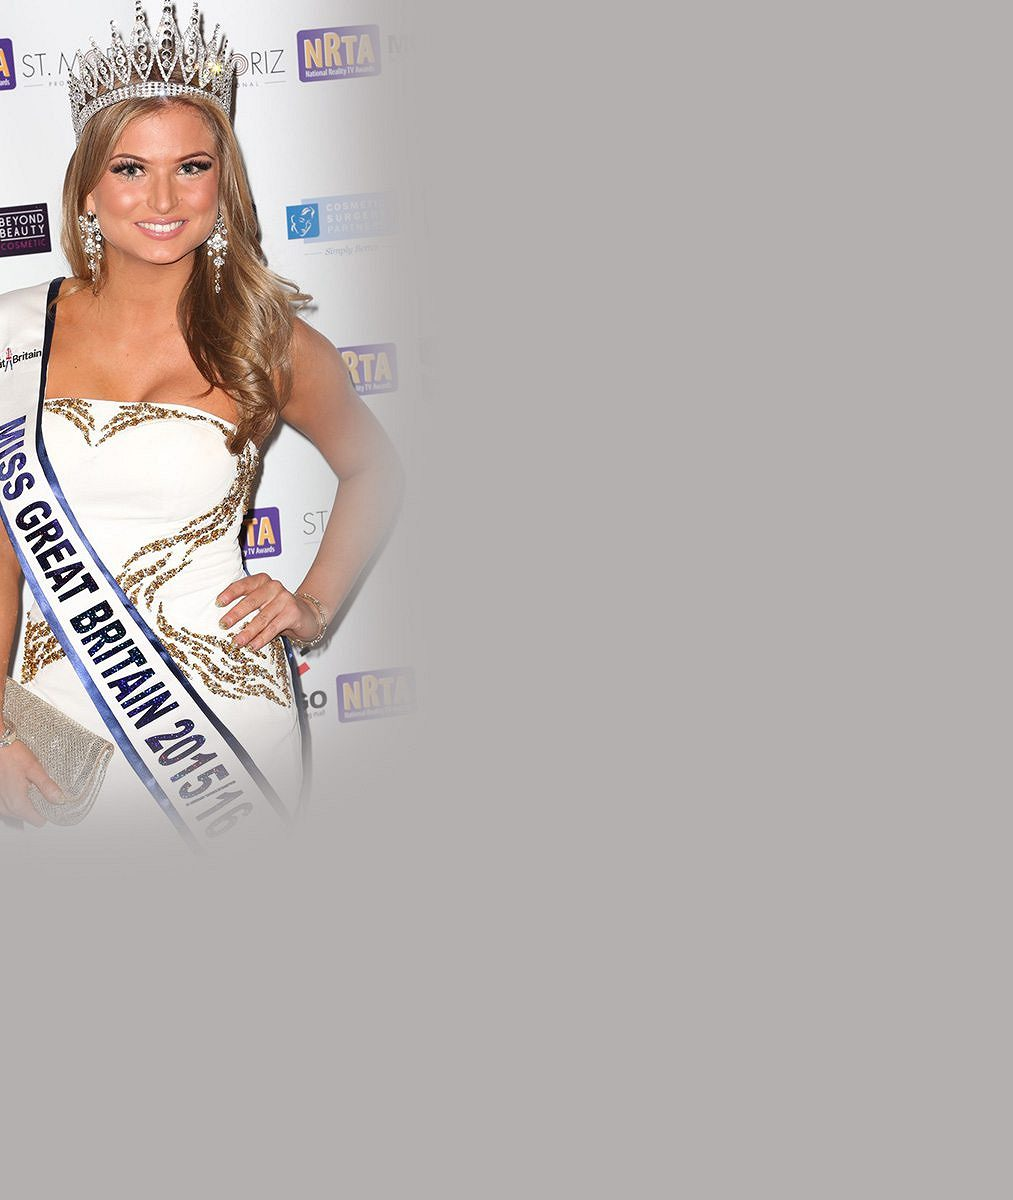 Sesazená britská Miss v bikinách s maminkou (51), která kdysi také vyhrávala soutěže krásy